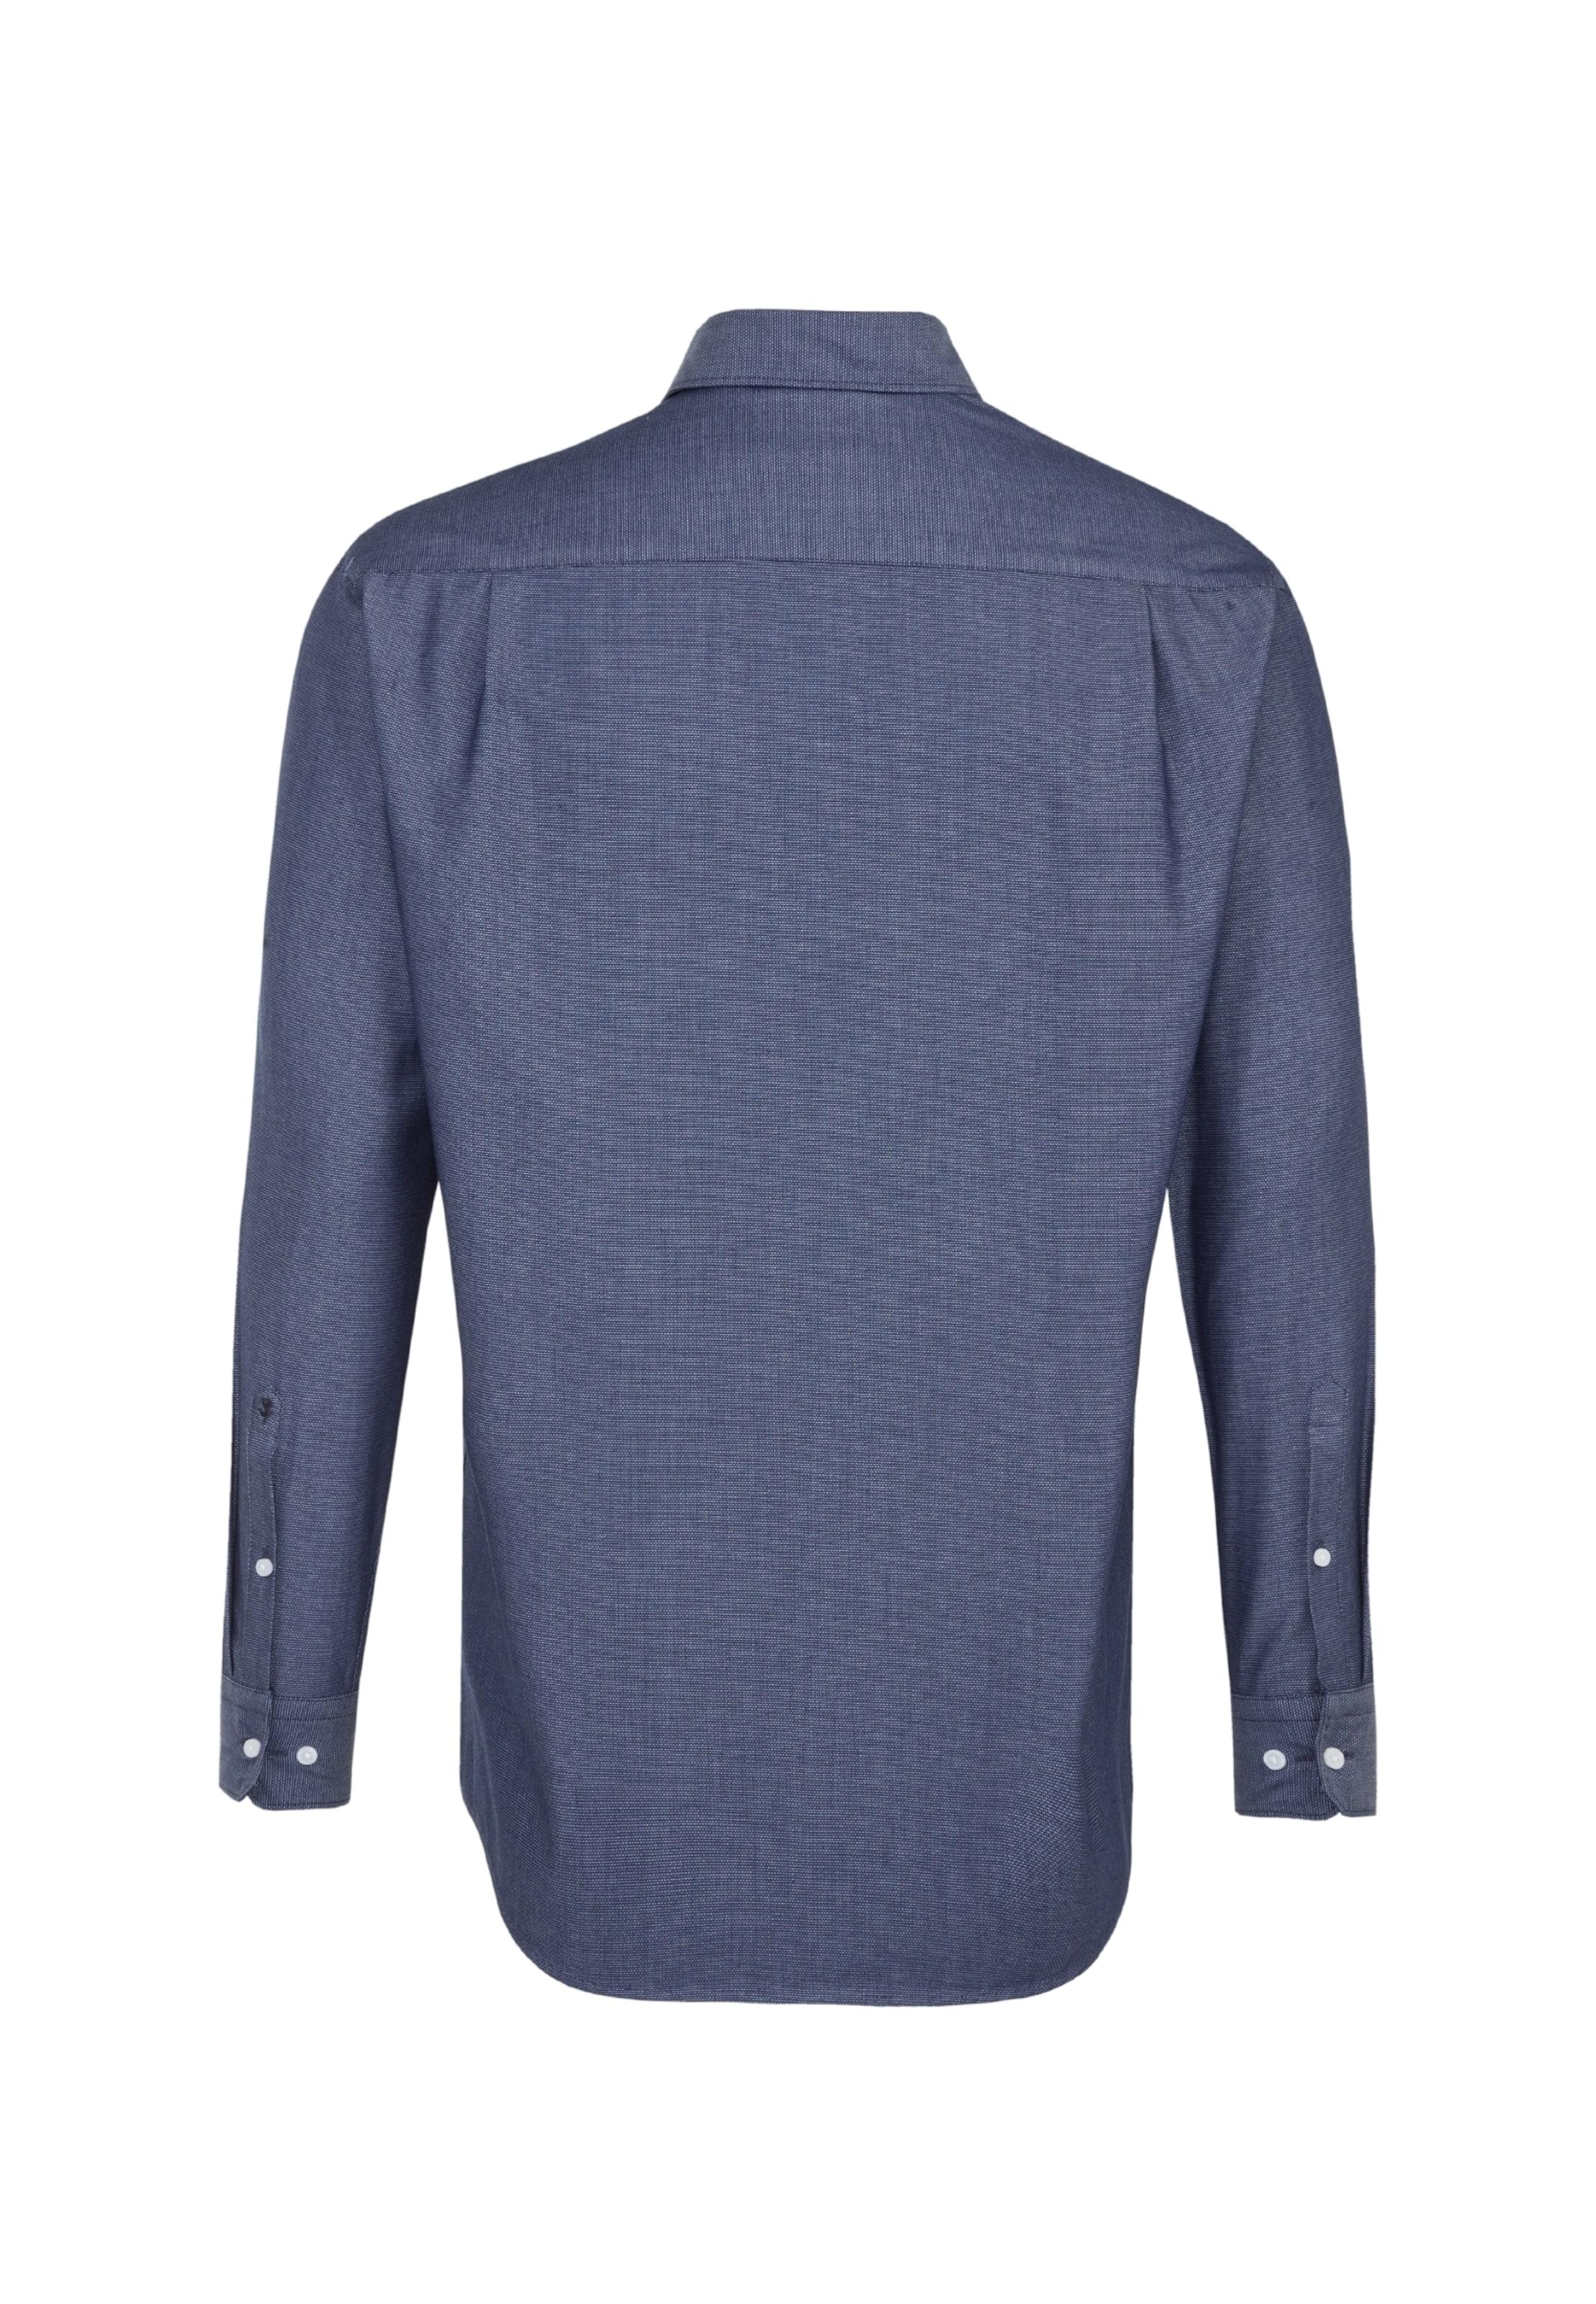 Seidensticker 'comfort' In Blau Hemd CoerBWxd